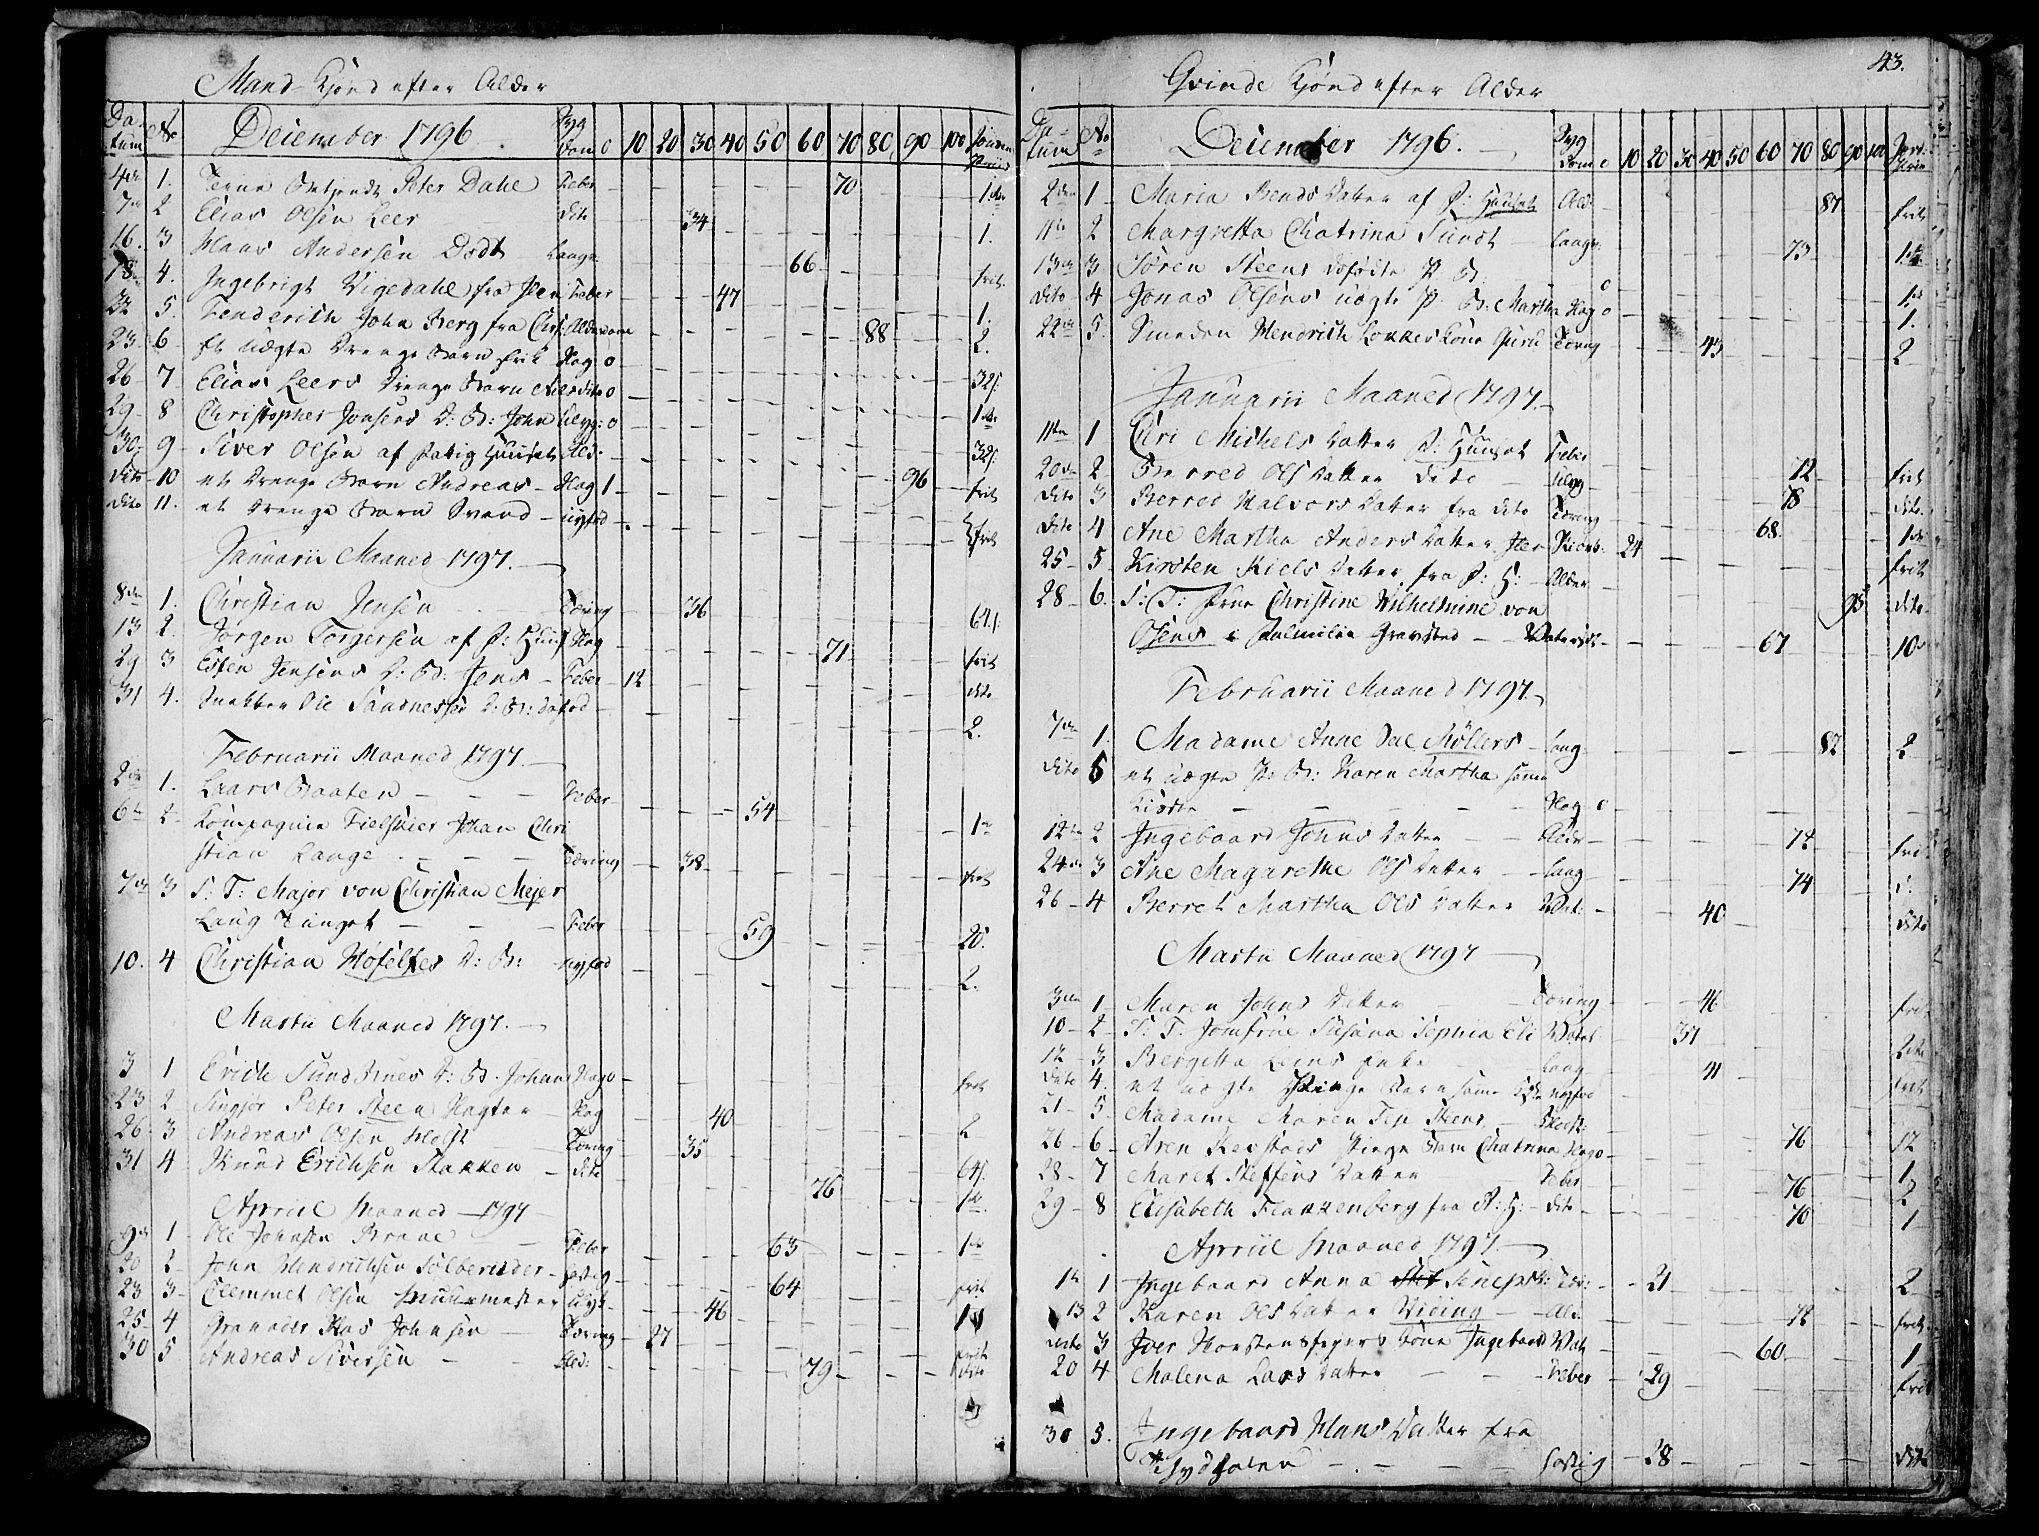 SAT, Ministerialprotokoller, klokkerbøker og fødselsregistre - Sør-Trøndelag, 601/L0040: Ministerialbok nr. 601A08, 1783-1818, s. 43